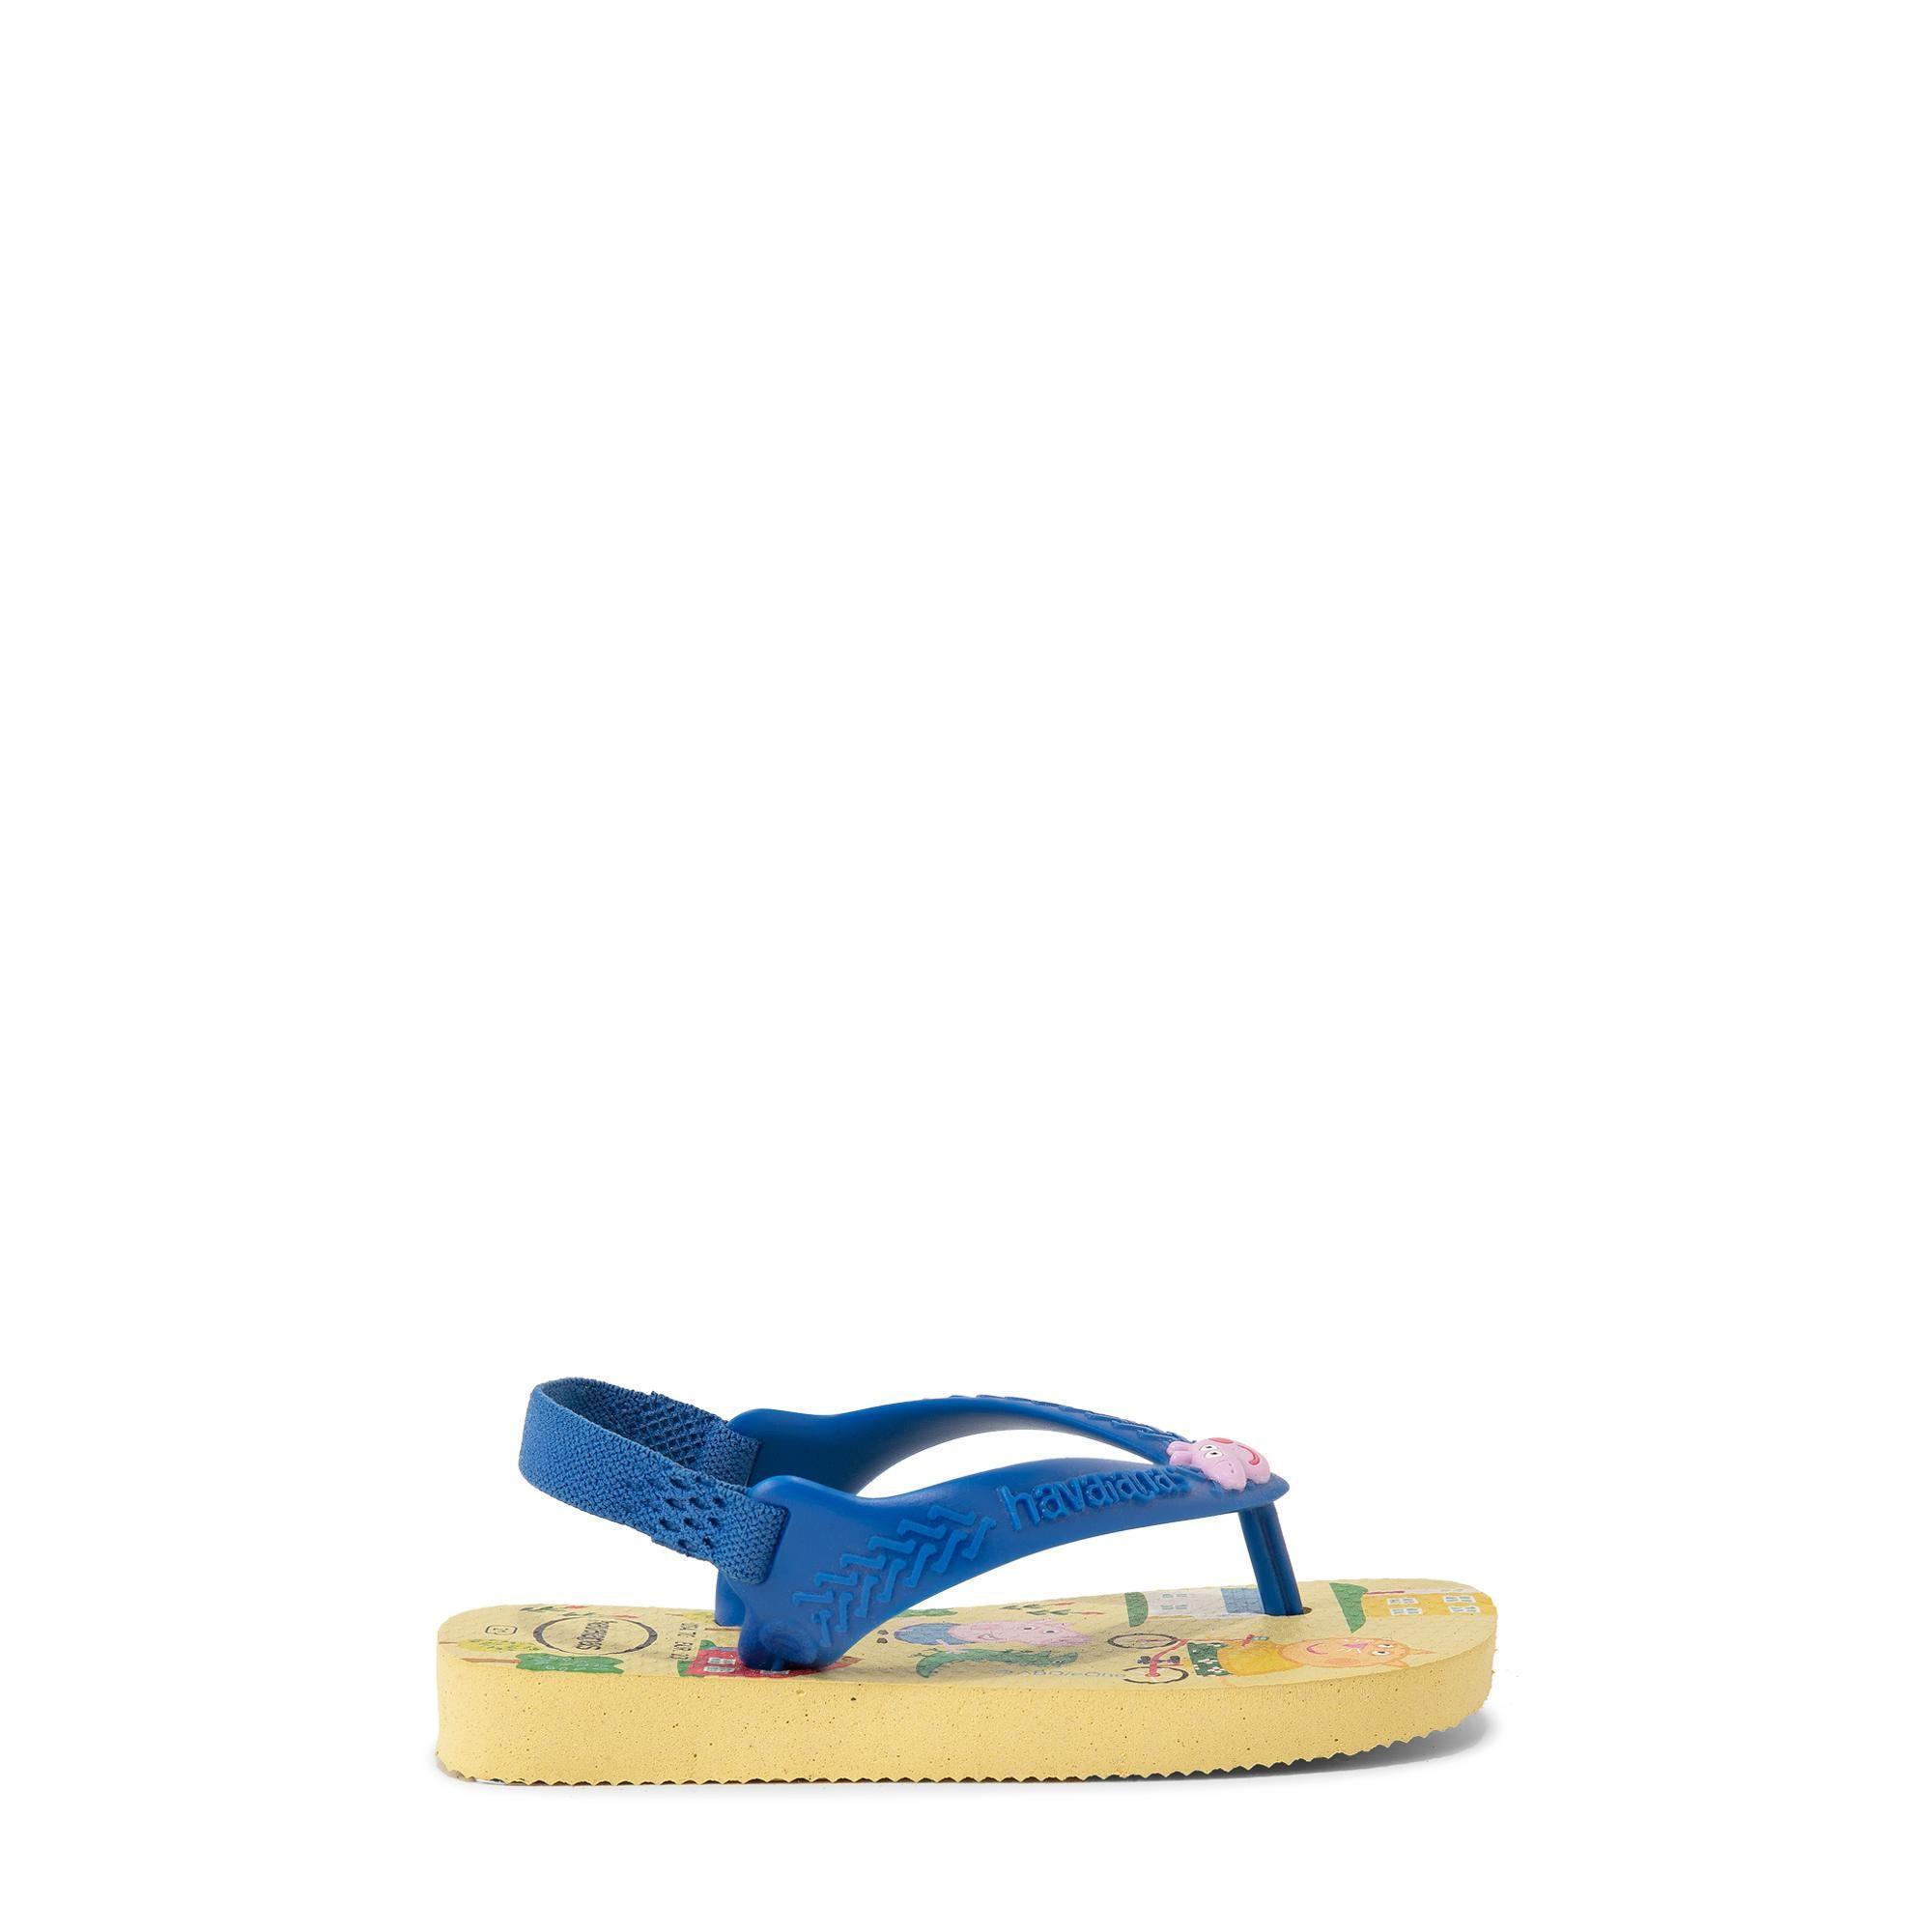 Peppa Pig flip flops